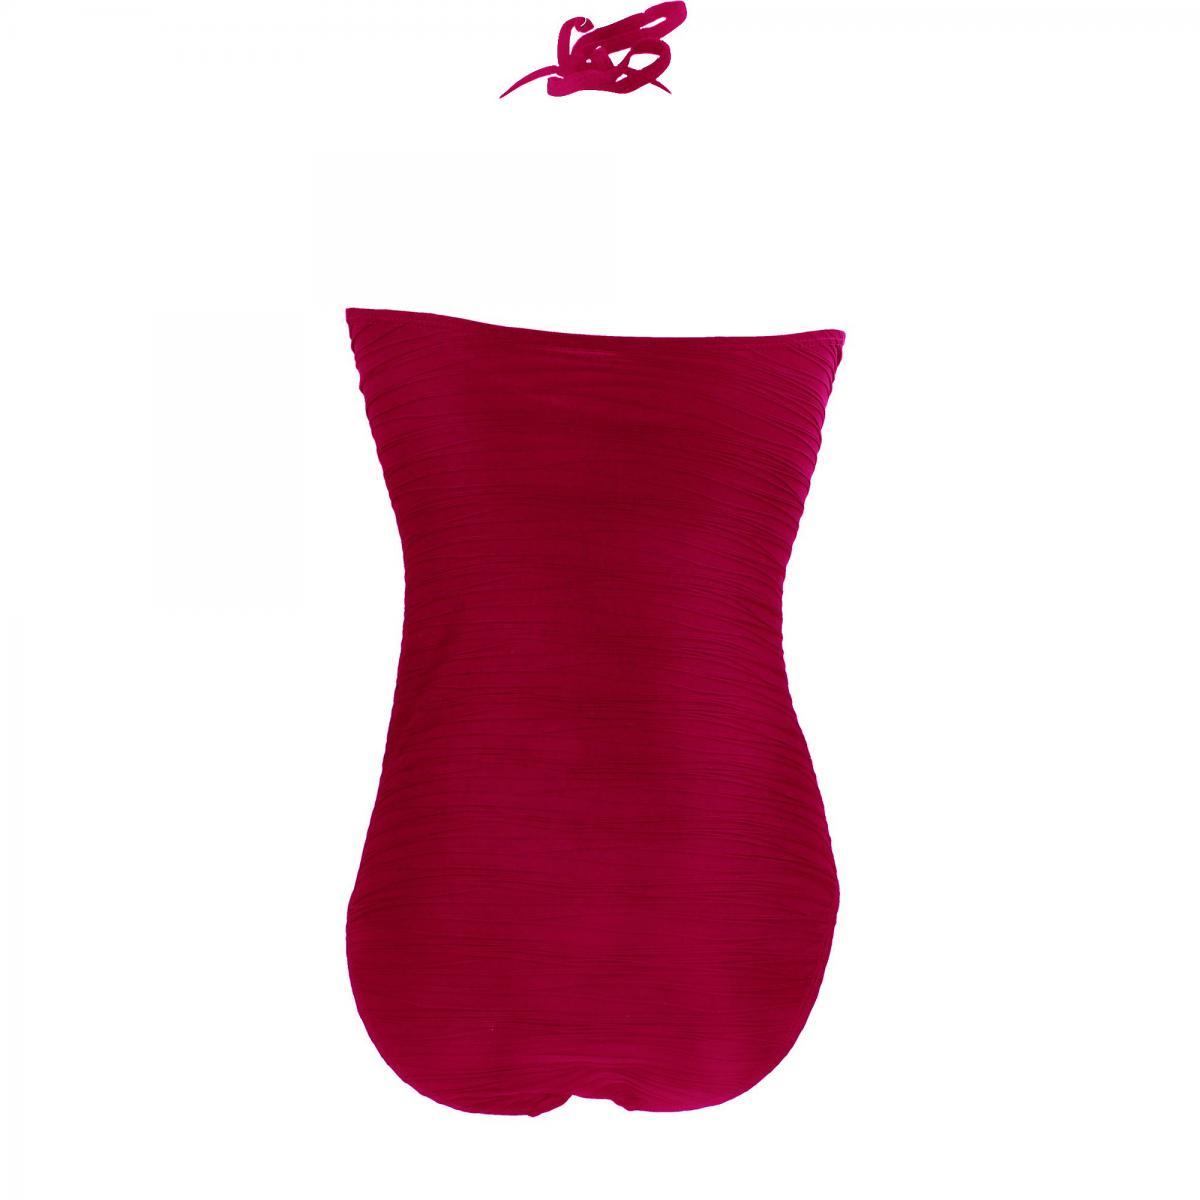 maillot de bain une pi ce bustier rouge par kalais. Black Bedroom Furniture Sets. Home Design Ideas